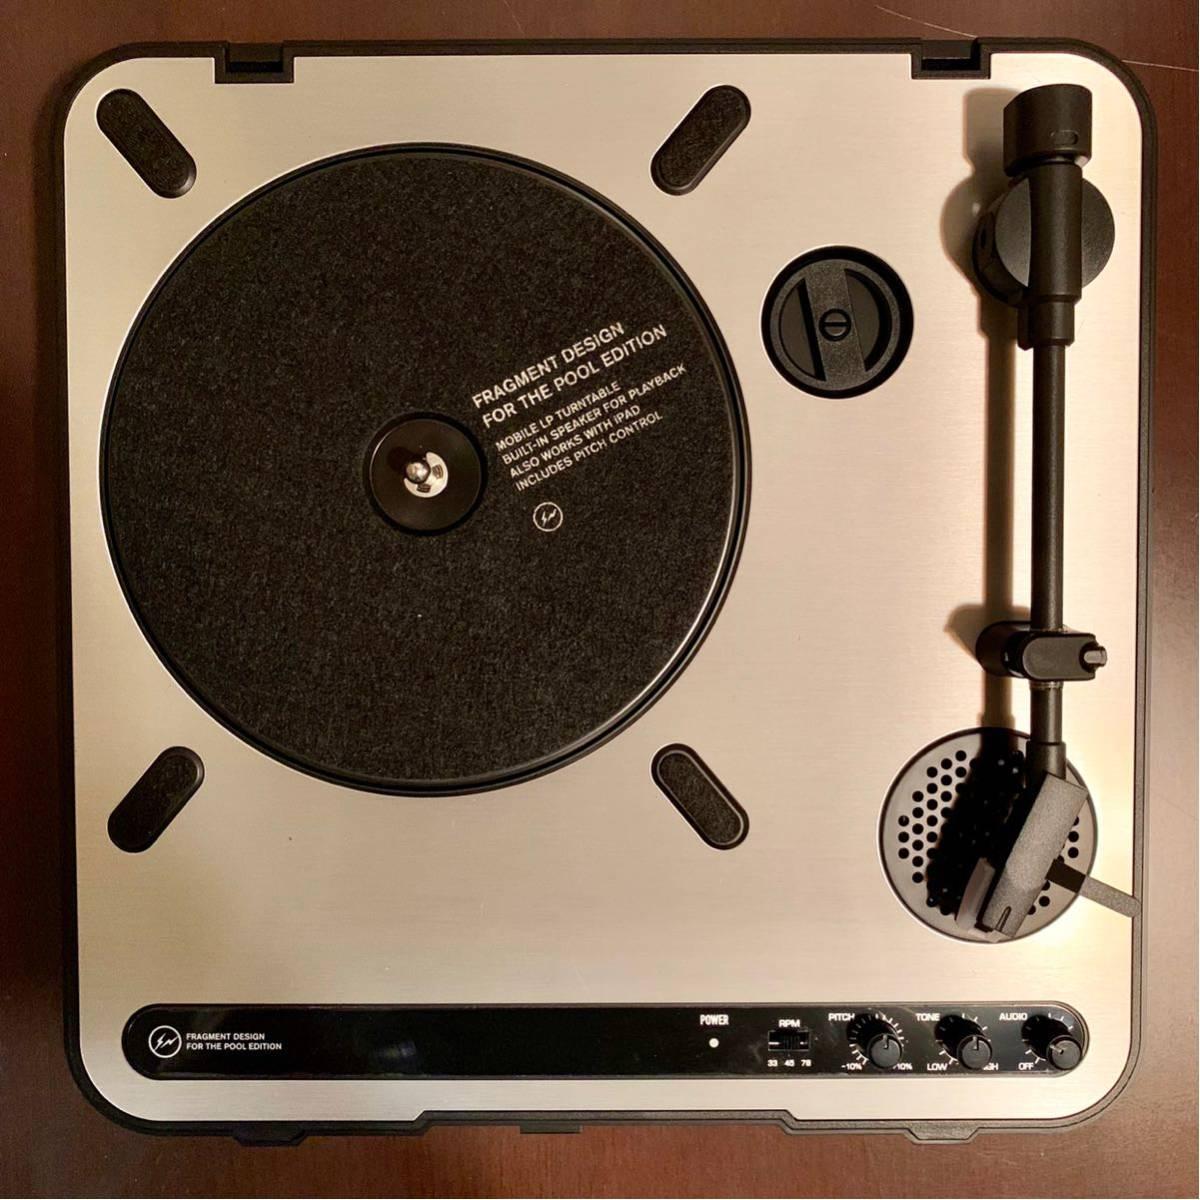 中古 激レア 早い者勝ち fragment design x ion audio レコード